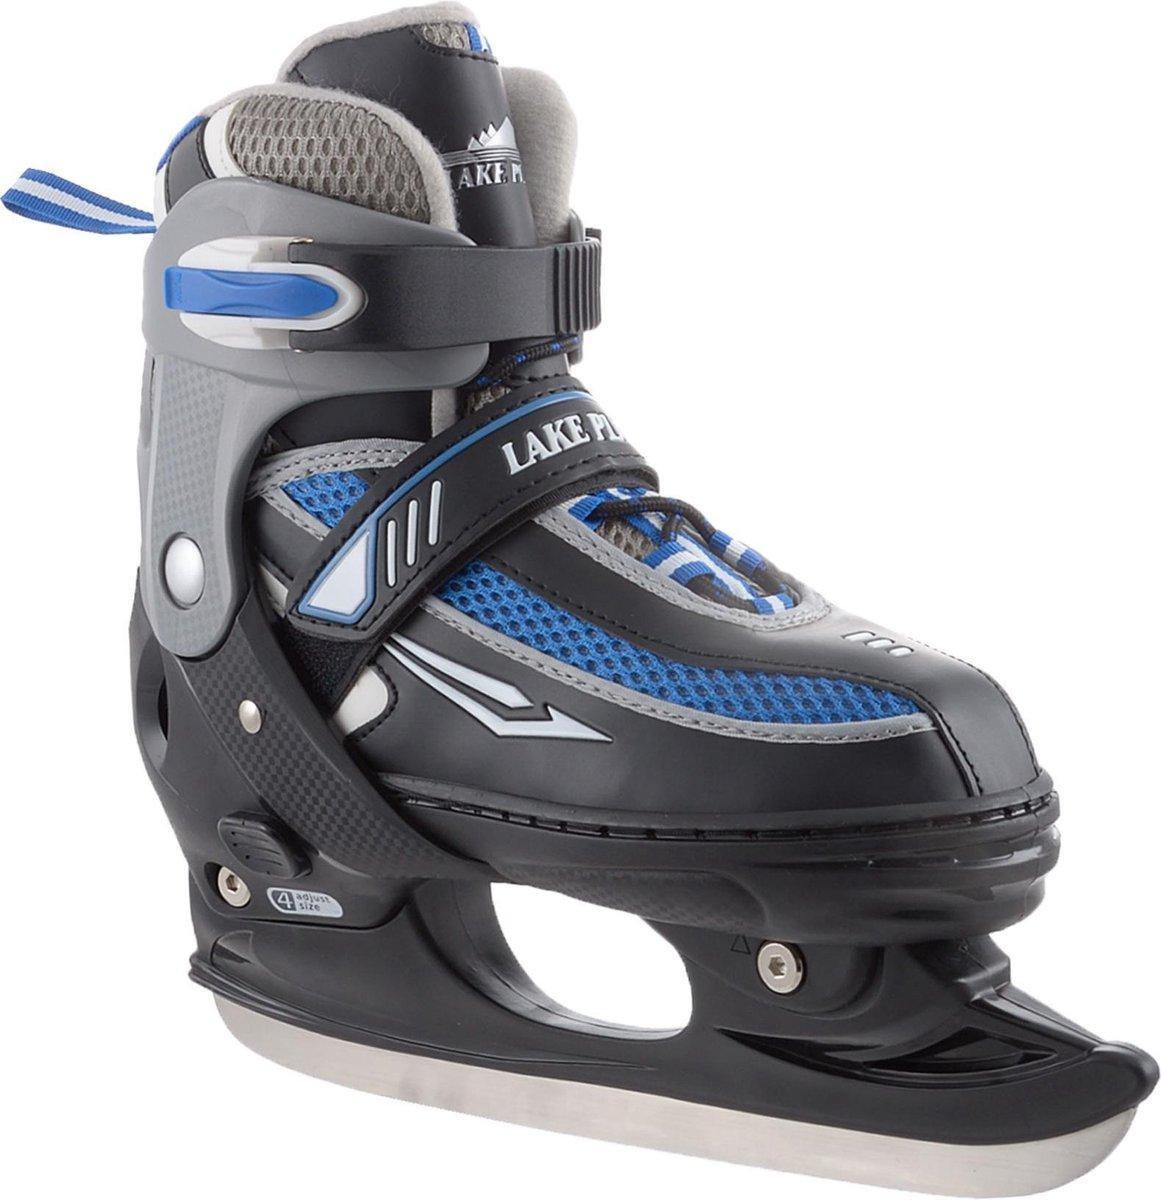 Zandstra Lake Placid IJshockeyschaats Jr (verstelbaar) - 35-39 - Zwart